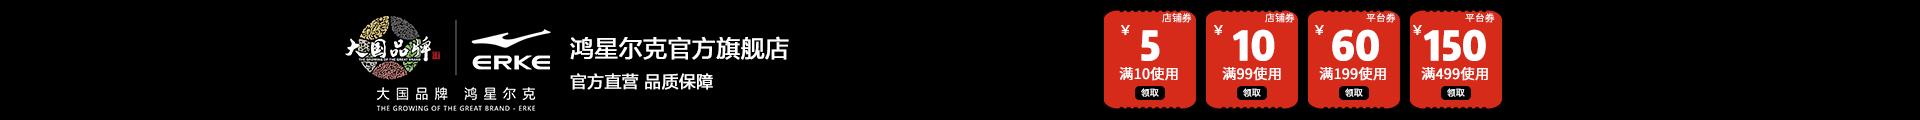 苏宁双11logo